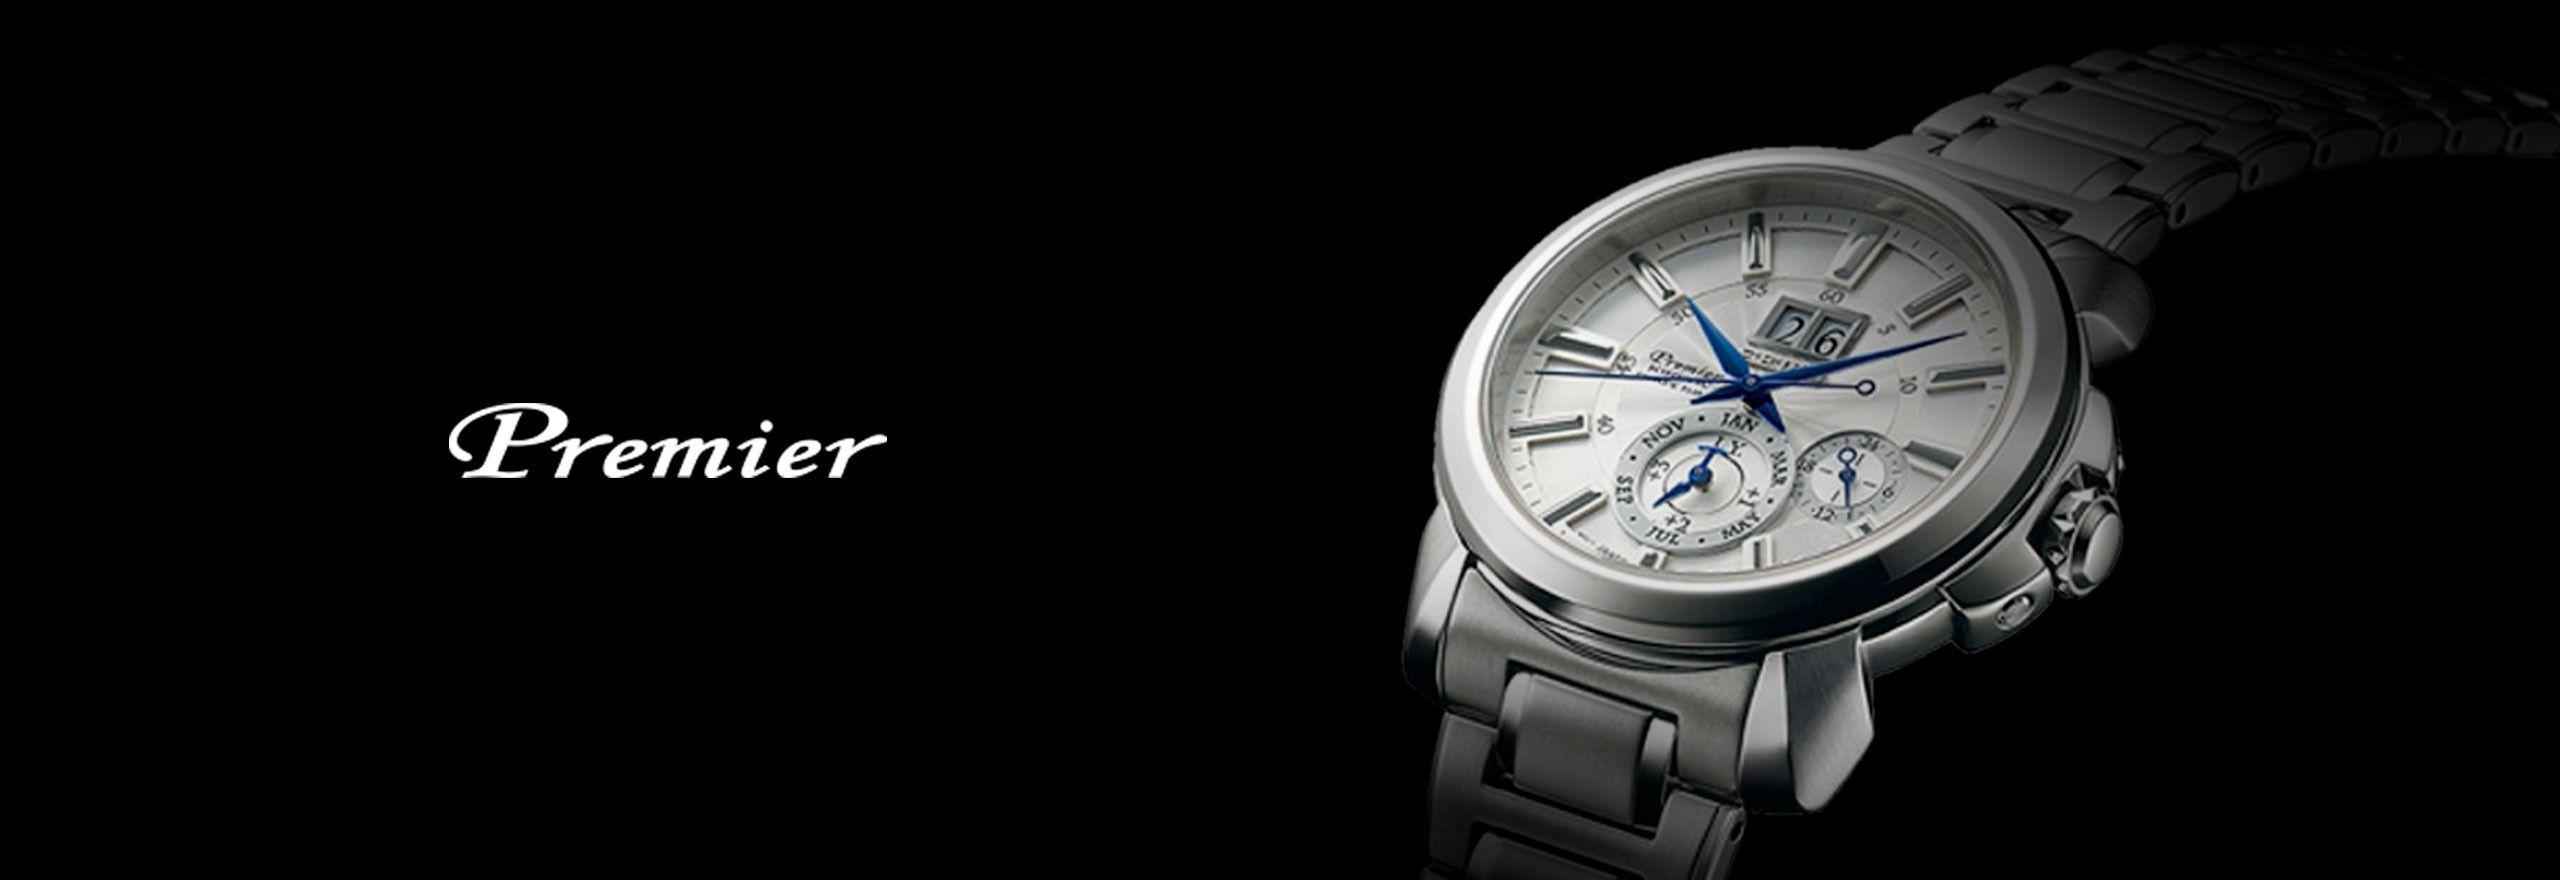 Relojes Seiko Premier. Seiko Boutique Tienda Online Oficial